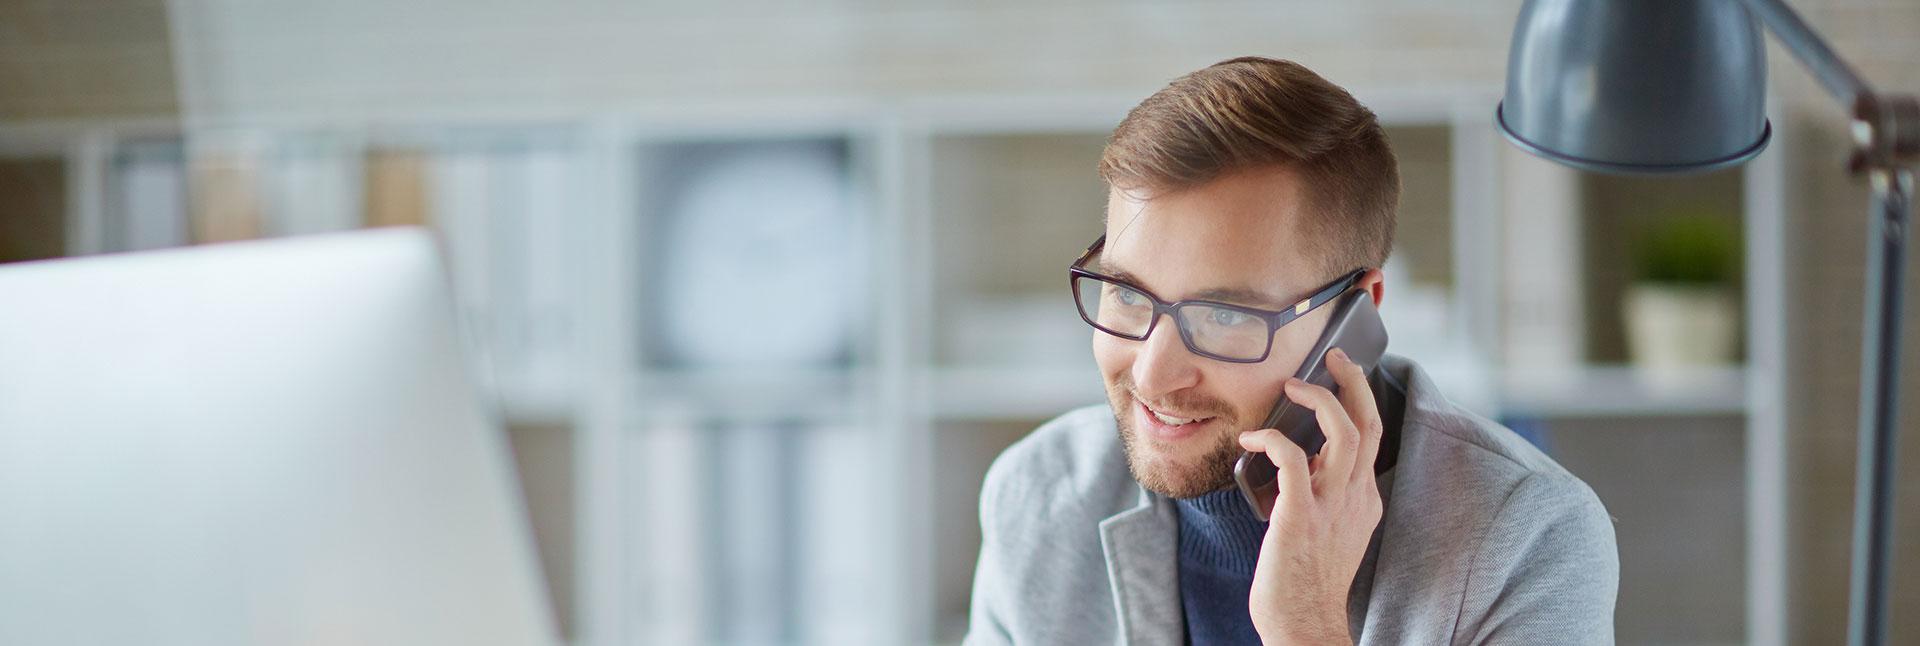 Telefoninterview Persönliches Kennenlernen – Telefoninterview